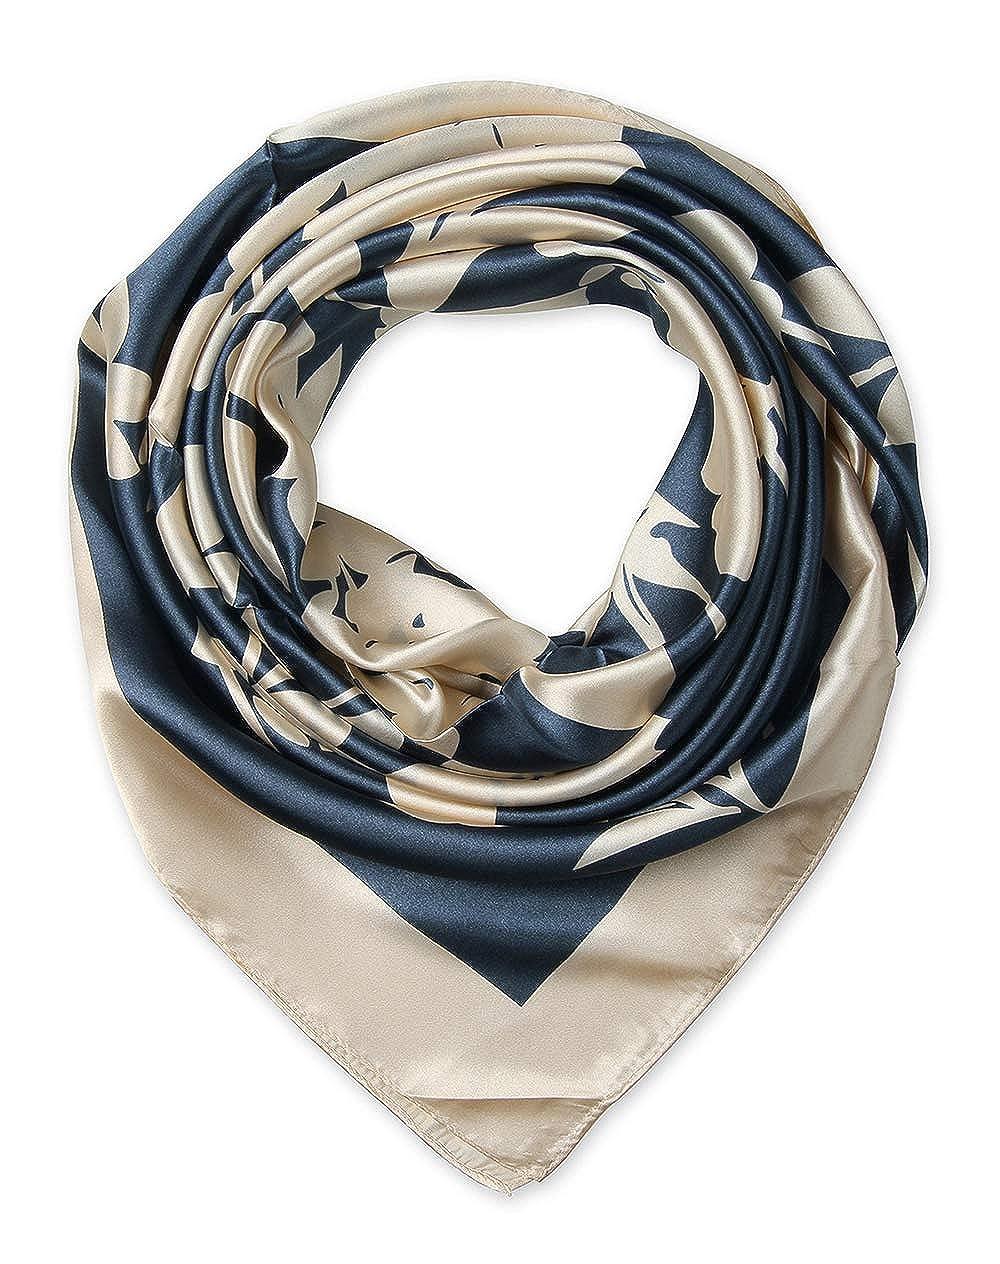 Corciova elegante pañuelo de Satin Hair bufanda de las mujeres de la gran sensación de seda cuadrado 35x 35pulgadas